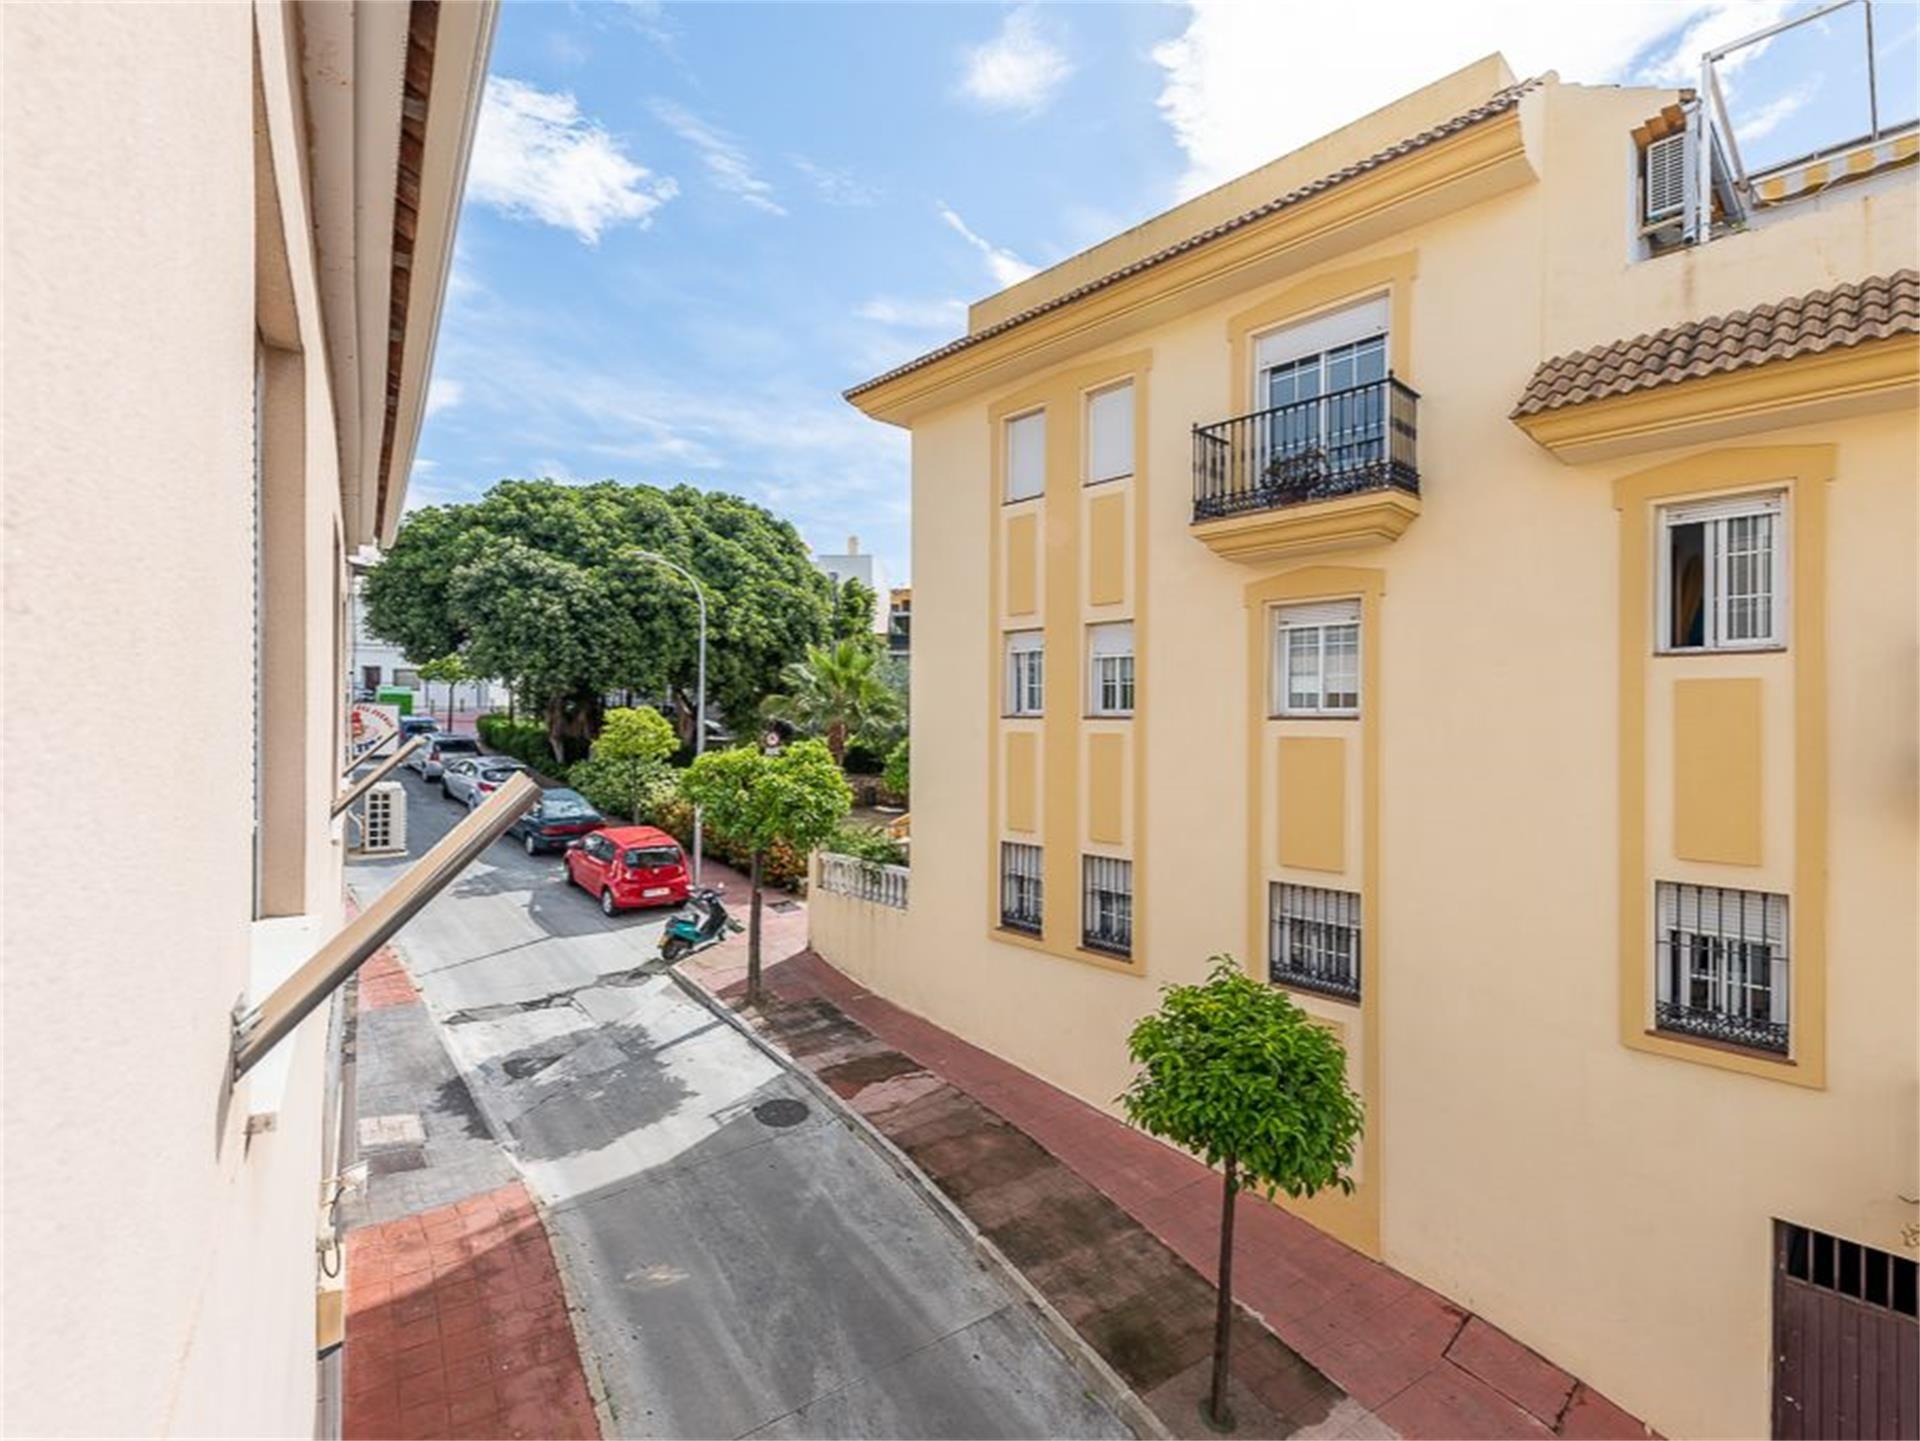 Oficina de alquiler en Calle Parra, Arroyo de la Miel (Benalmádena, Málaga)